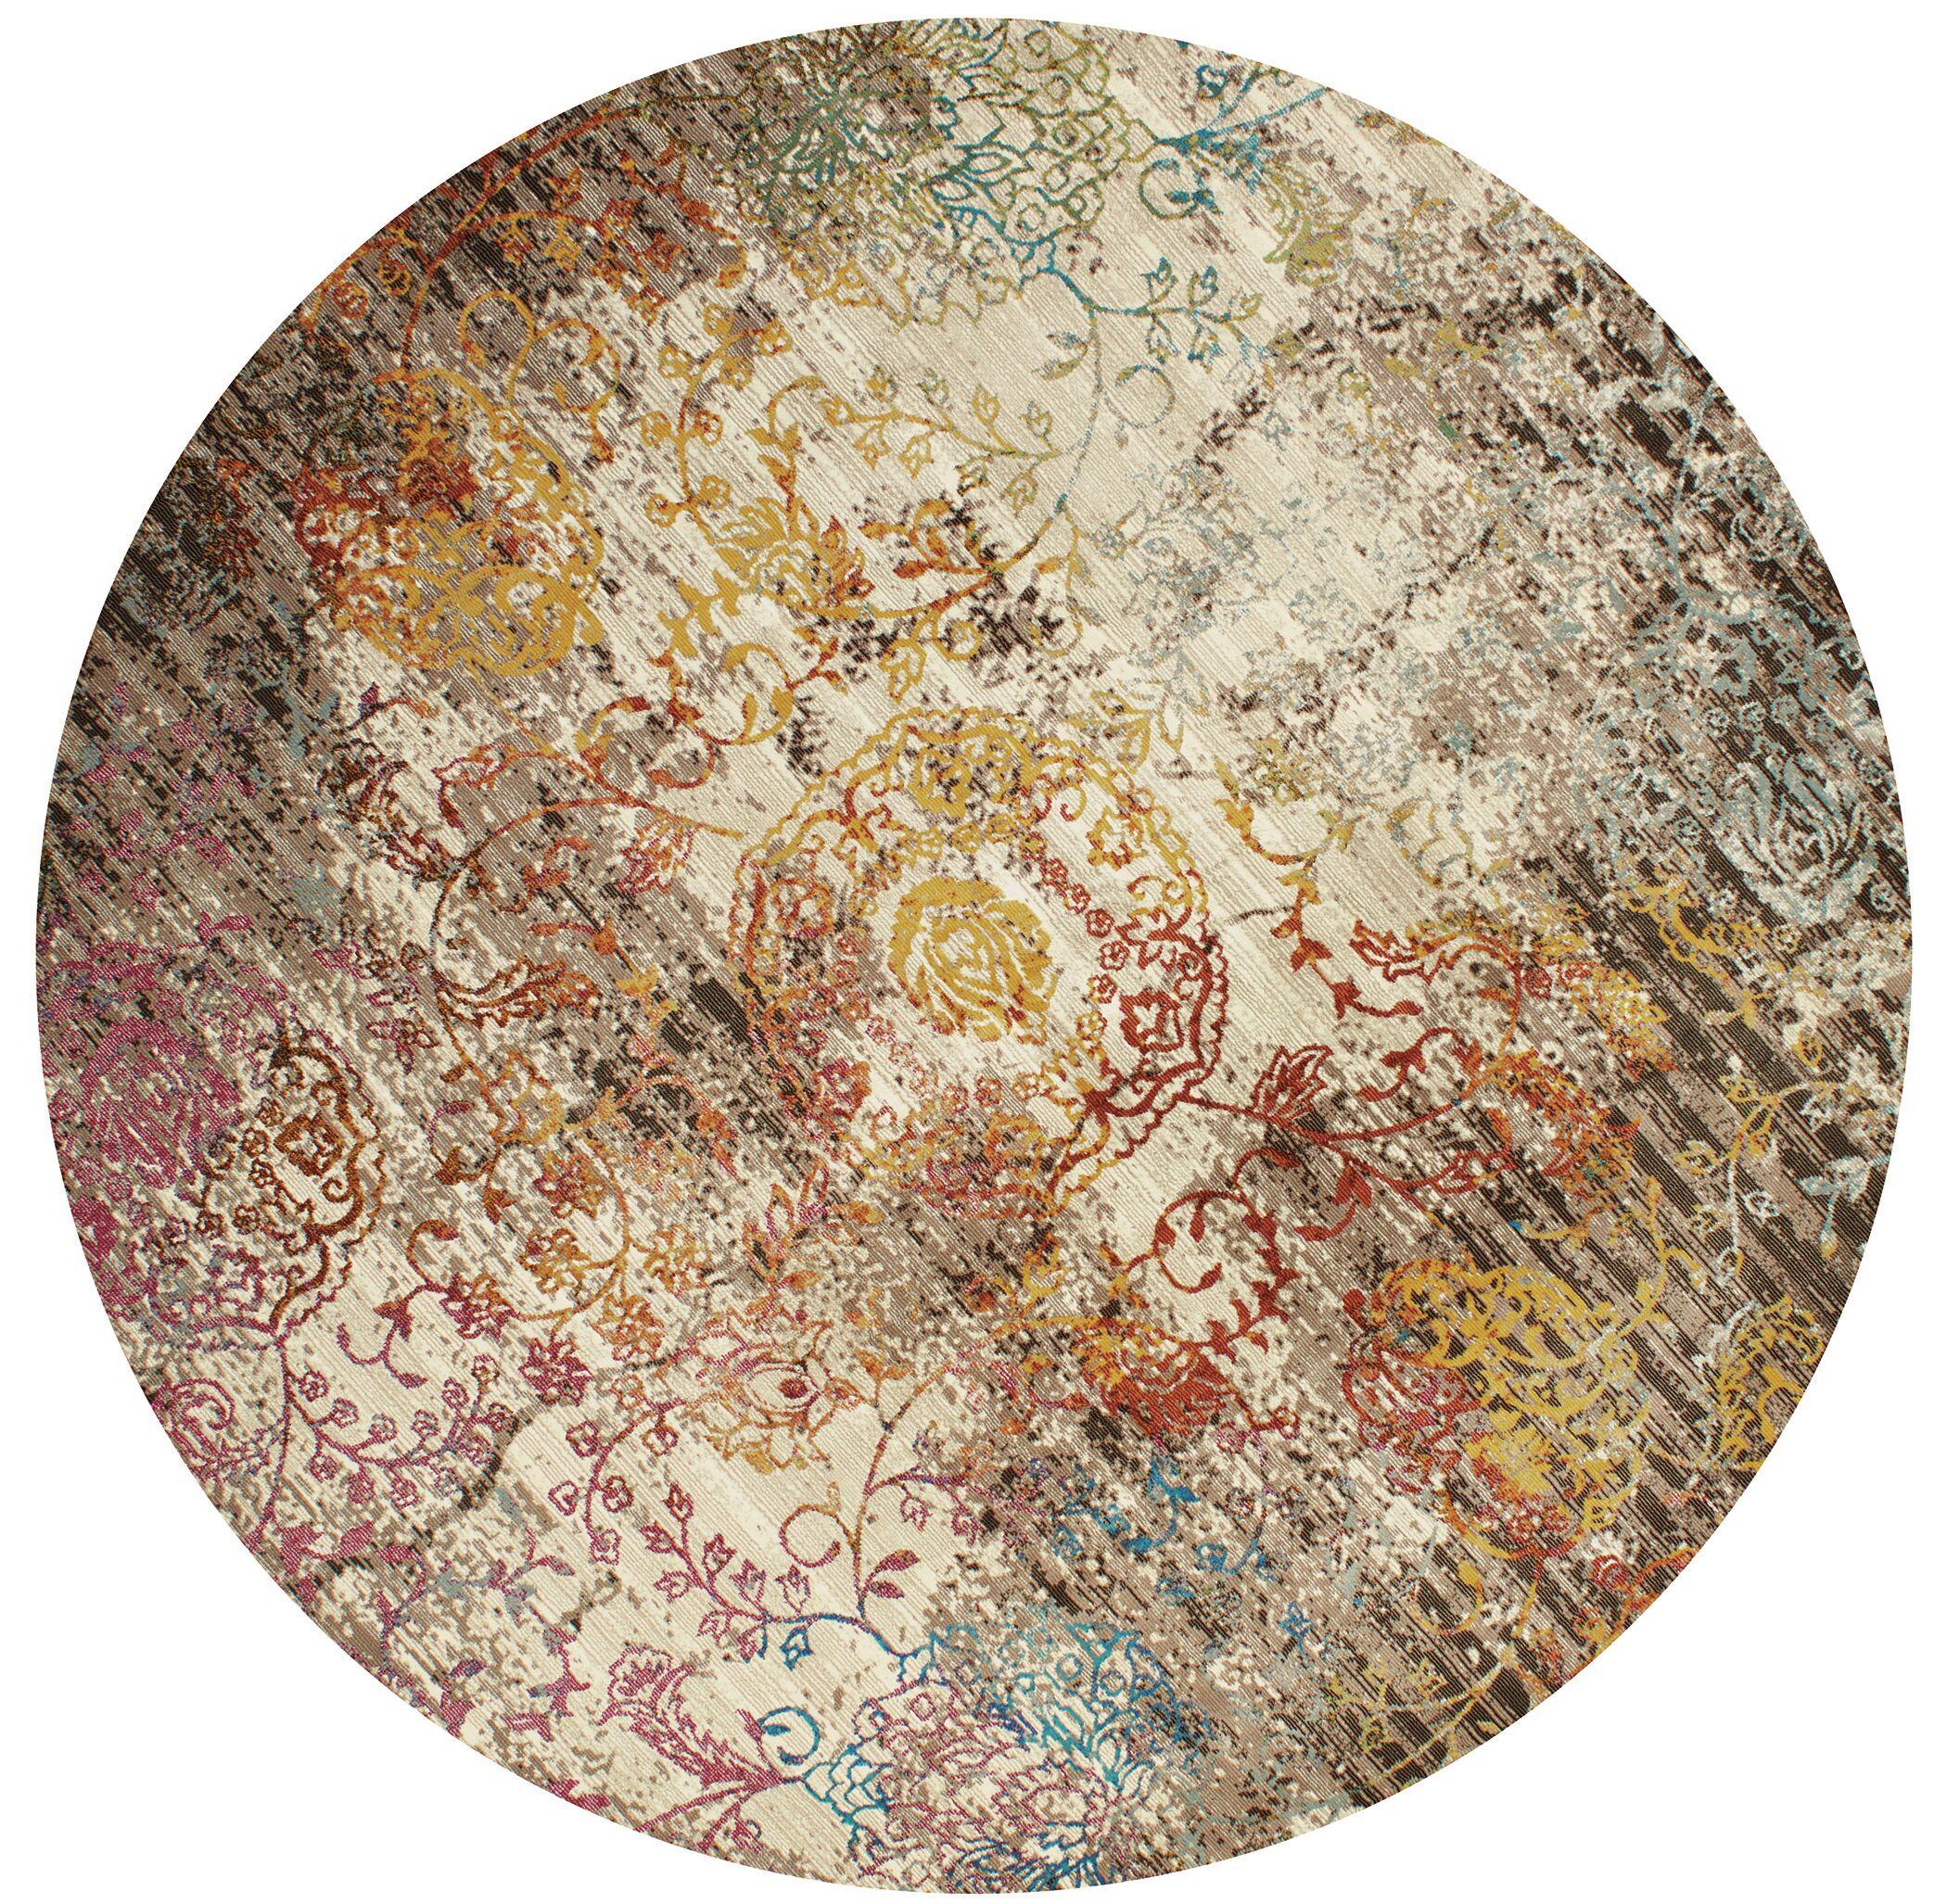 Ravenstein Pink/Brown Area Rug Rug Size: Round 7'10''